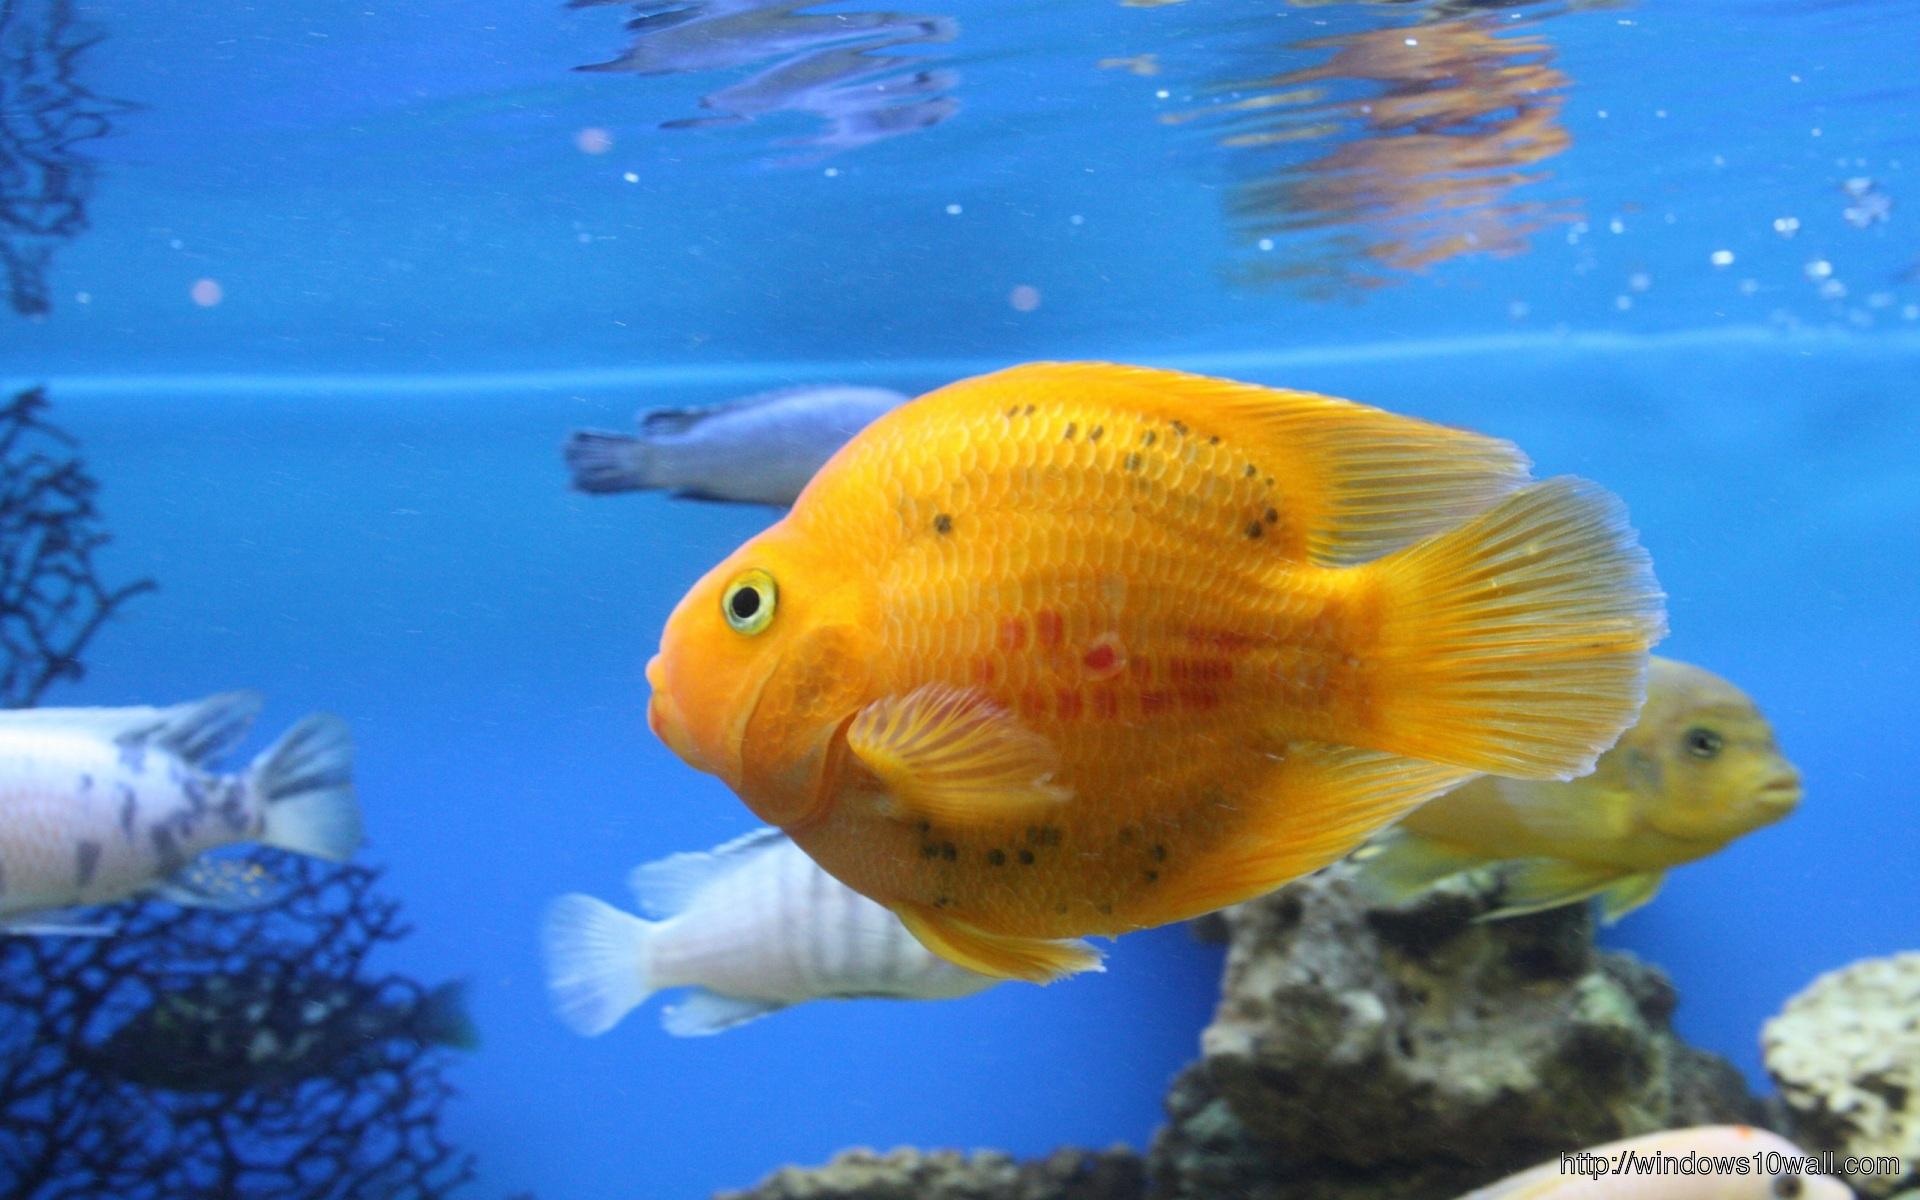 Golden Fish Undersea Wallpaper Windows 10 Wallpapers